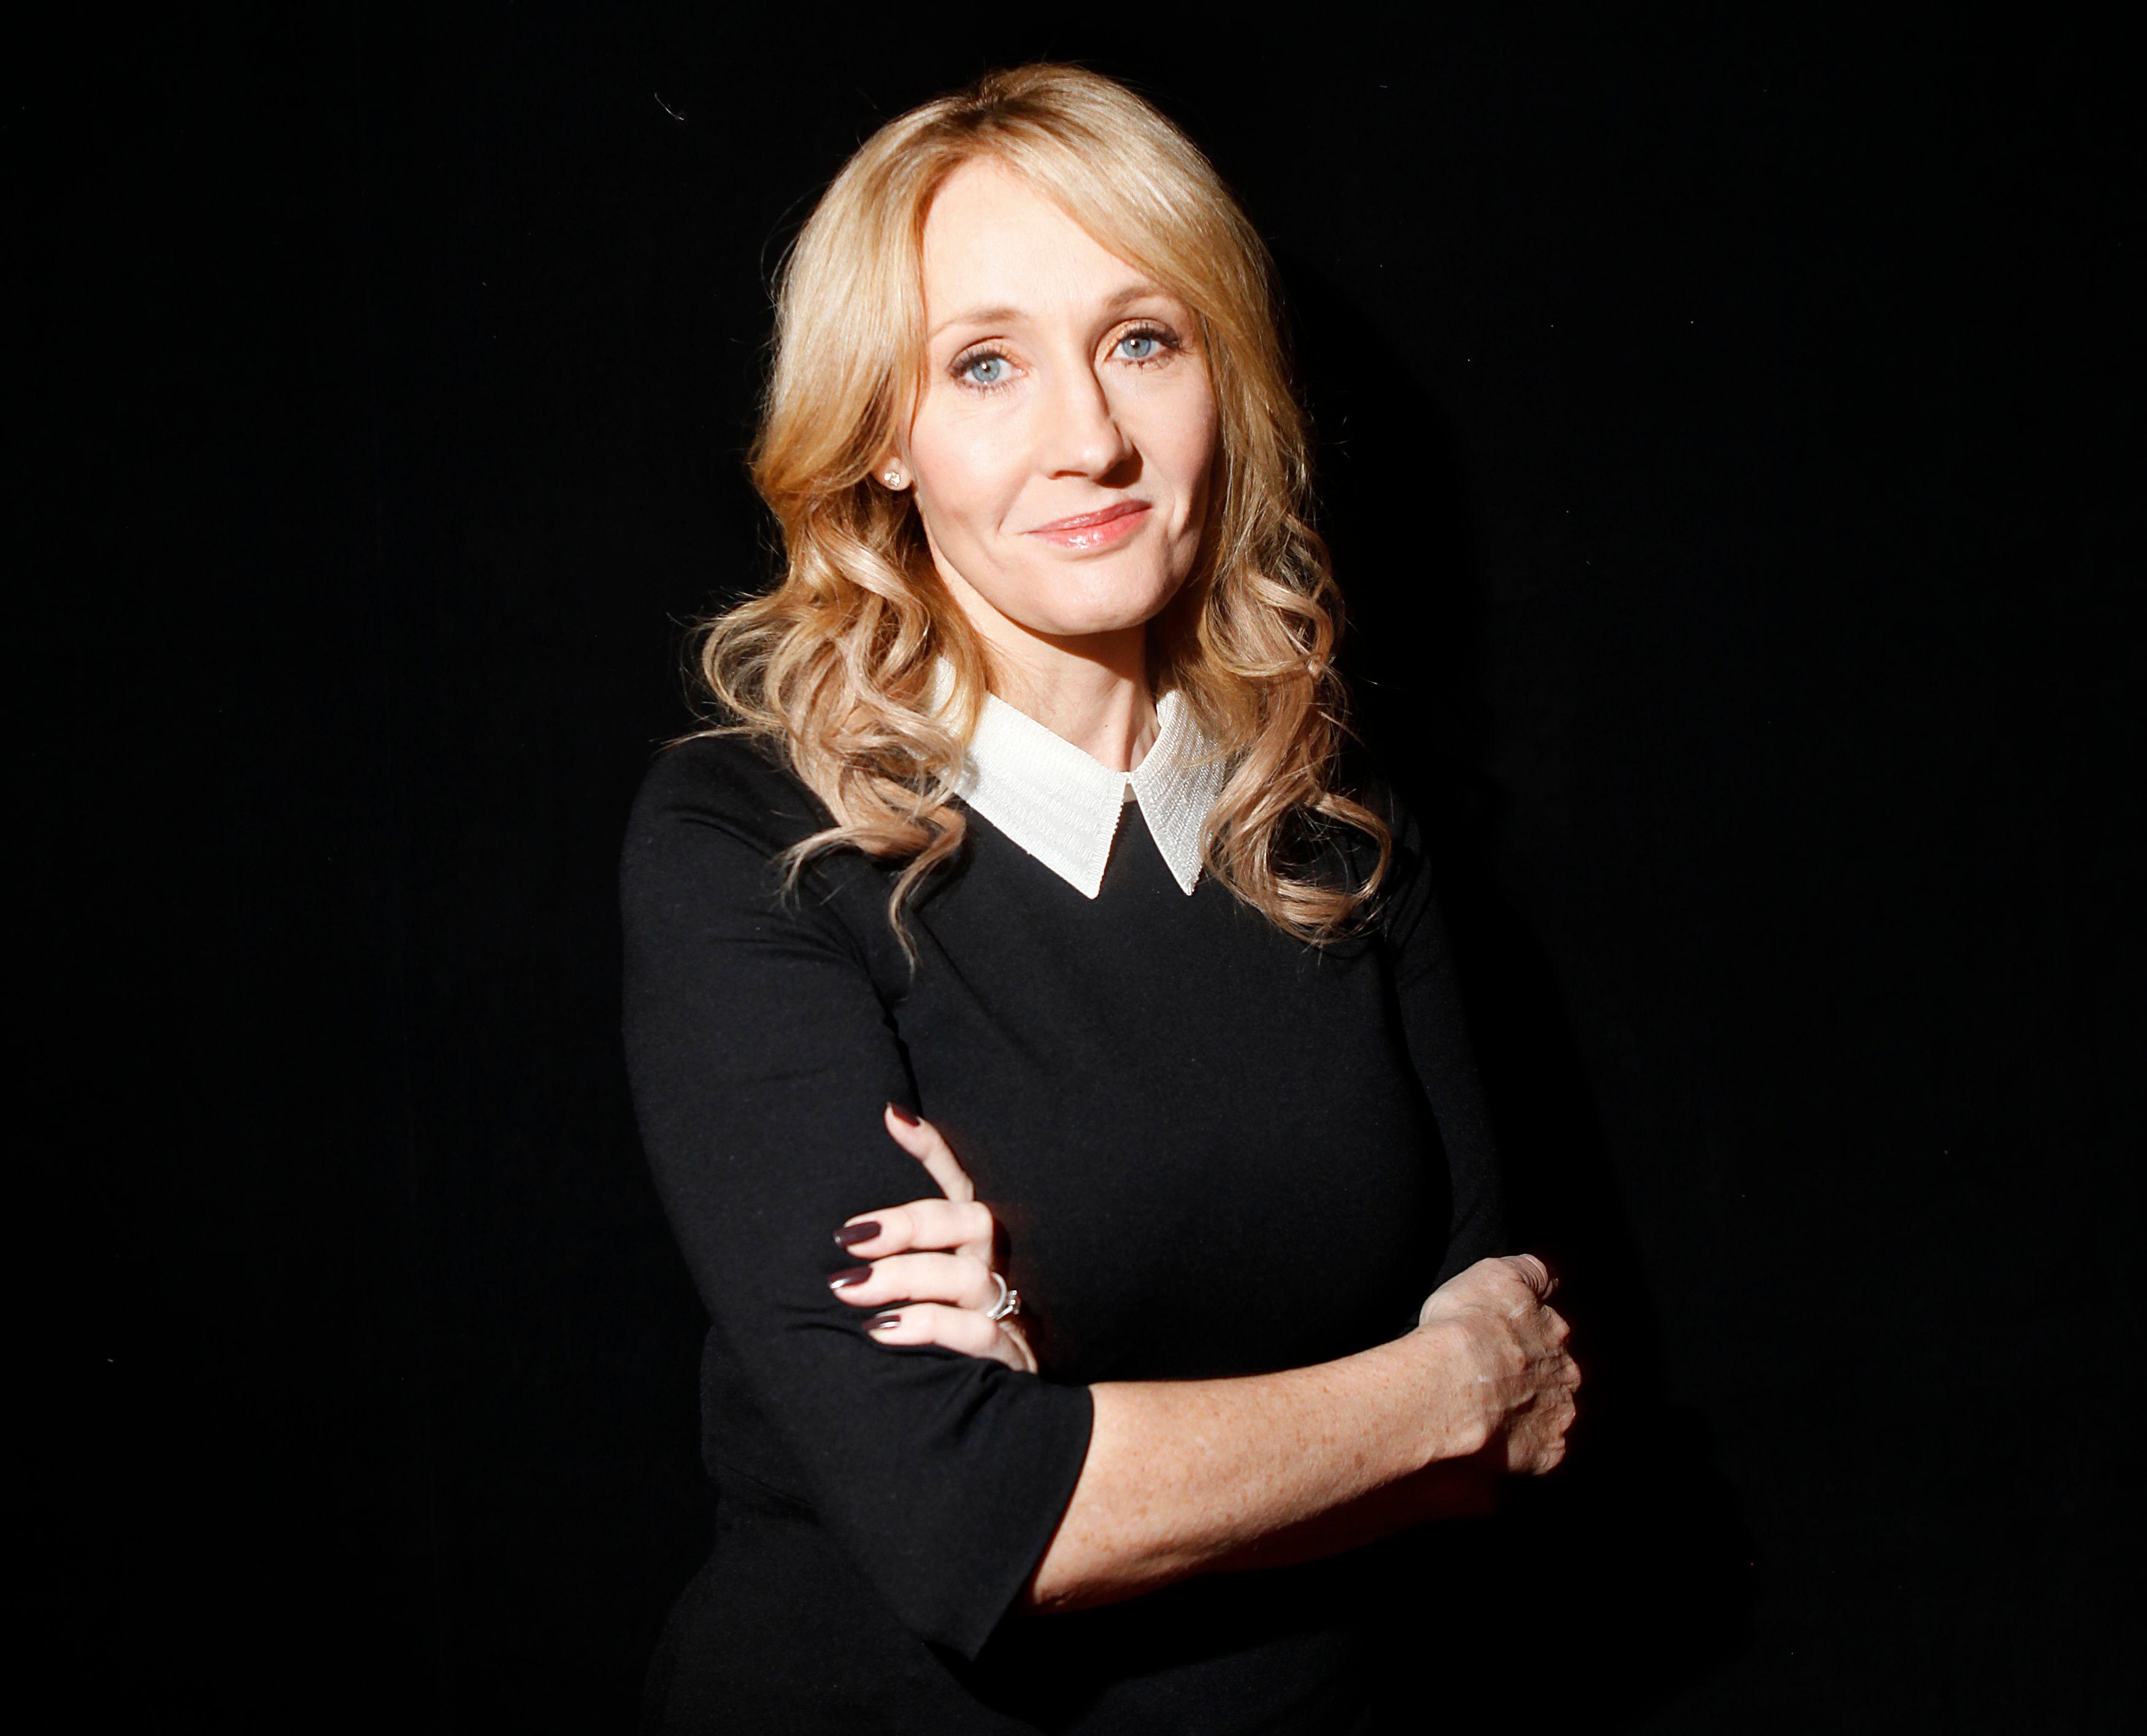 Harry Potter : un manuscrit de J.K. Rowling vendu aux enchères pour 440 000 euros